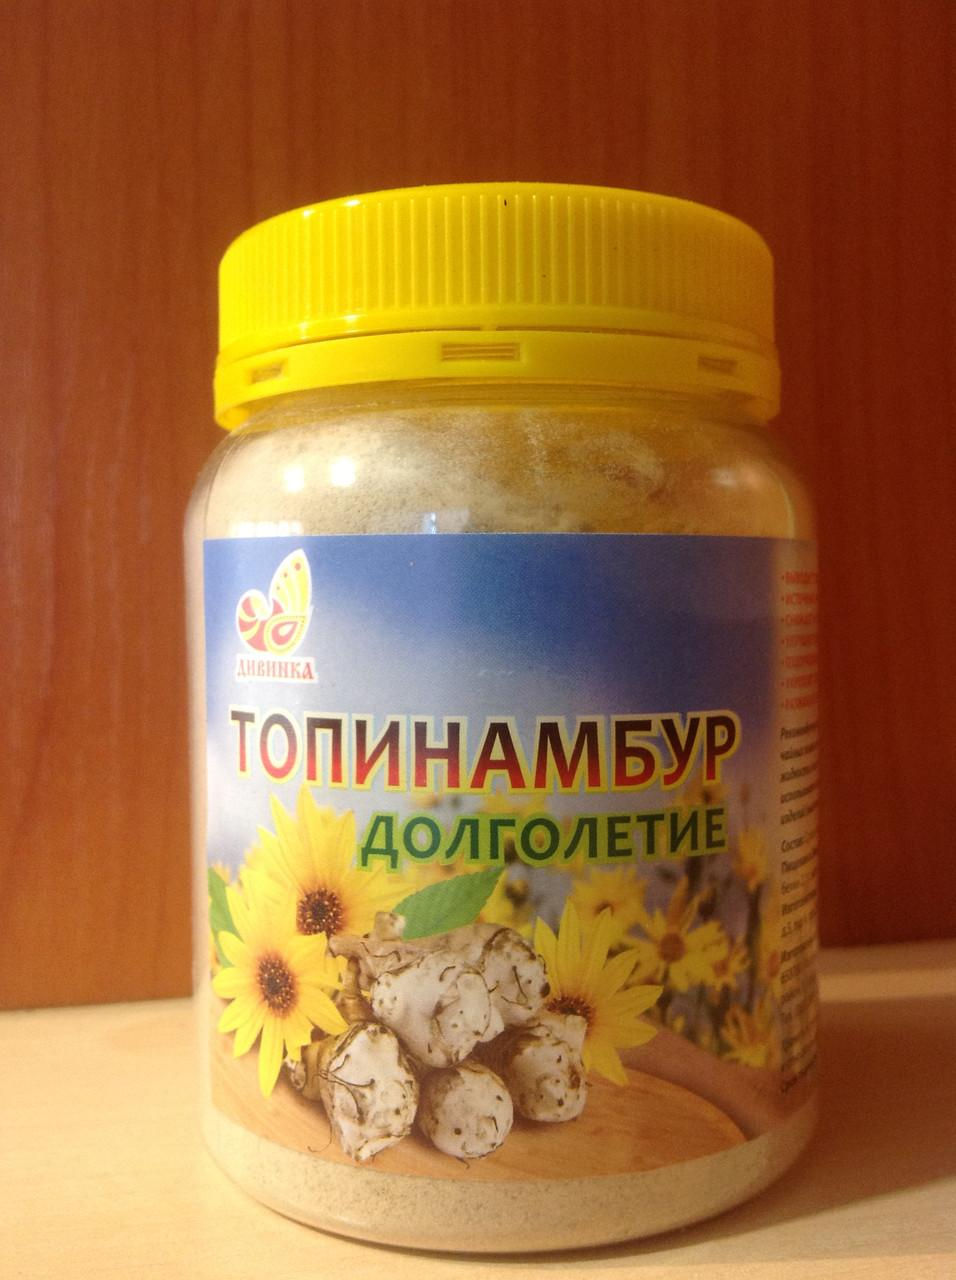 Топинамбур имеет много полезных своиств